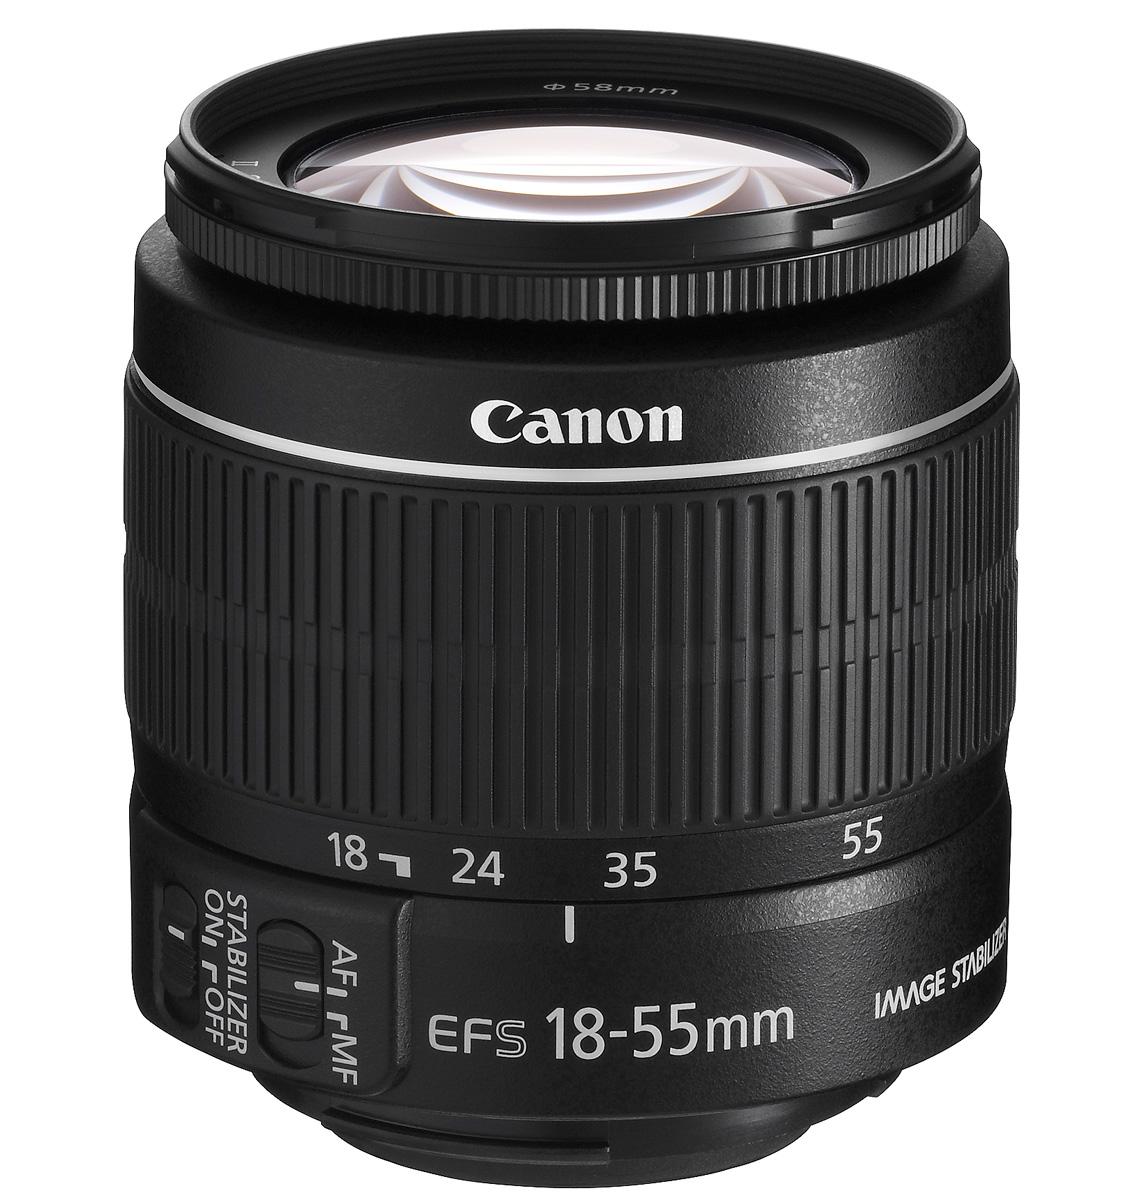 Canon EF-S18-55mm F3.5-5.6 IS II 『納期1ヶ月程度』シャッタースピード4段分手ブレ補正機構内蔵APS-Cサイズデジタル一眼用標準ズームレンズ[fs04gm][02P05Nov16]